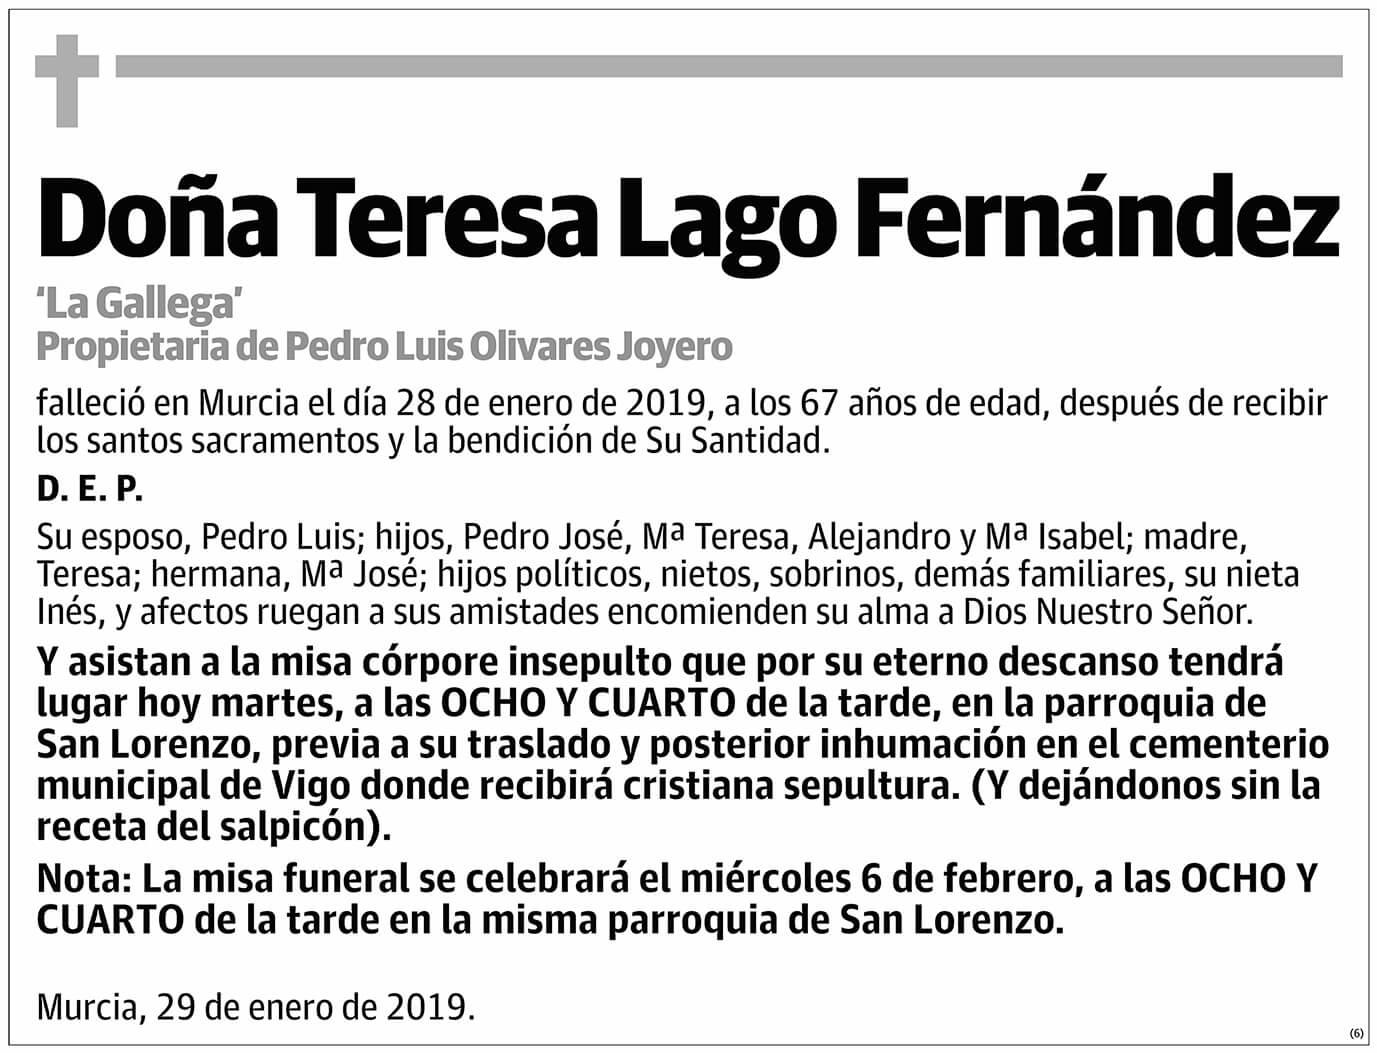 Teresa Lago Fernández